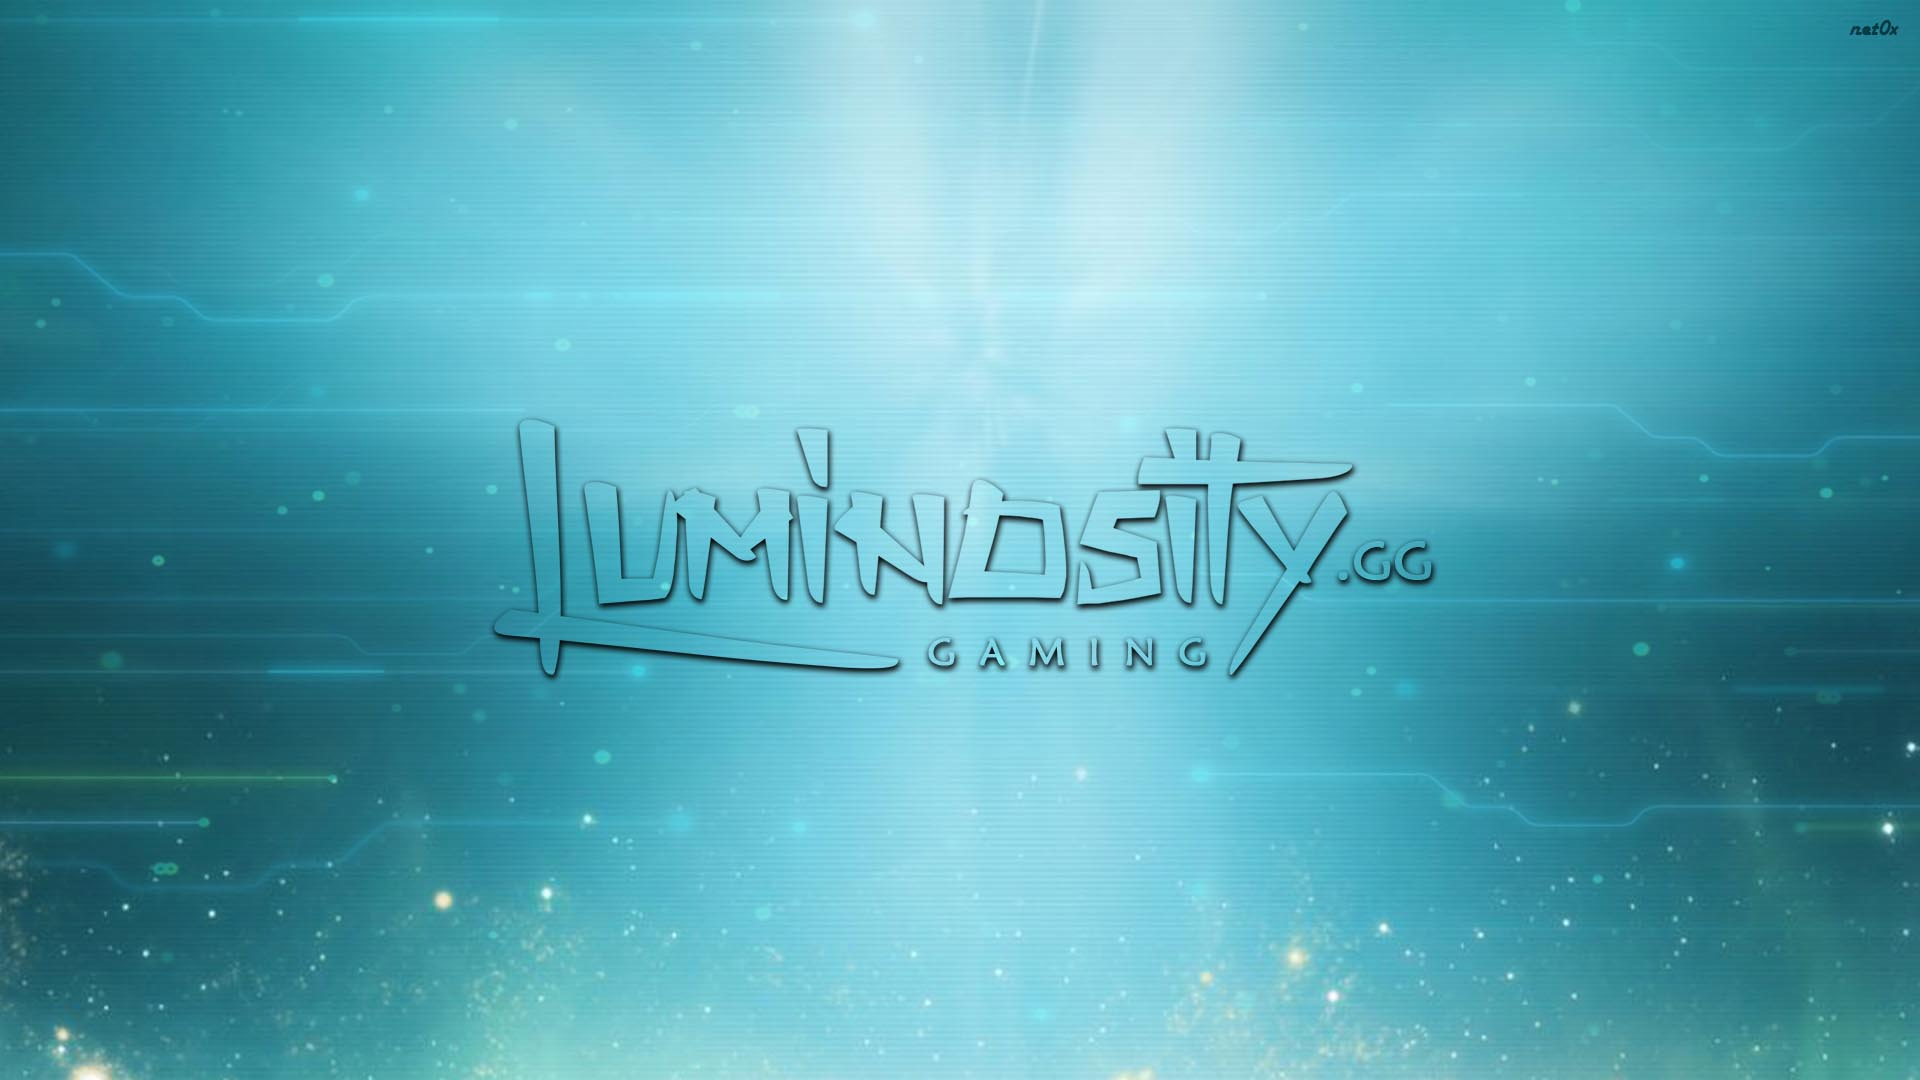 Luminosity Gaming